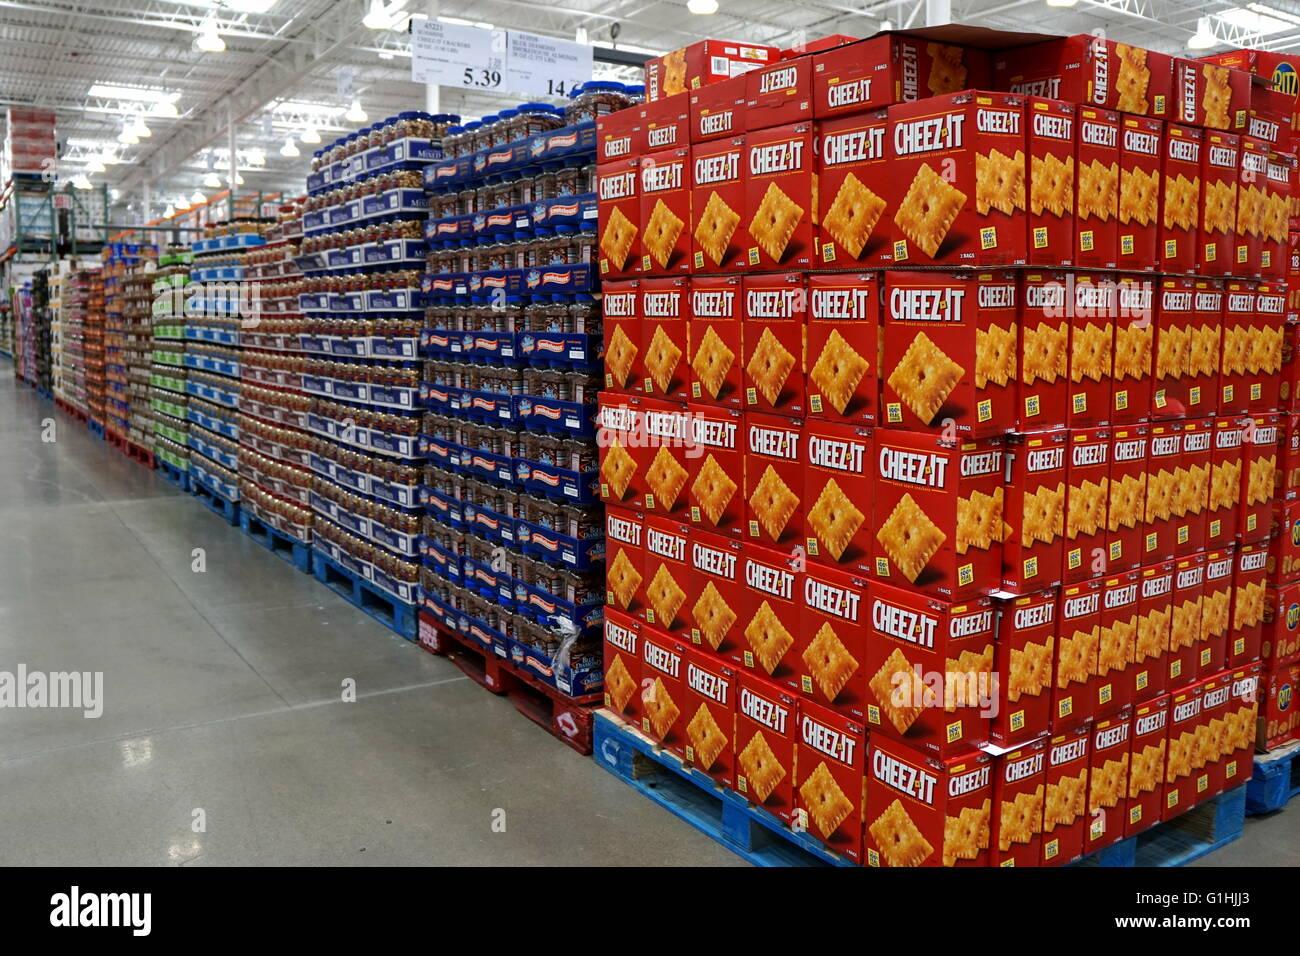 snacks aisle at costco busin ess center hackensack new jersey snacks aisle at costco busin ess center hackensack new jersey usa